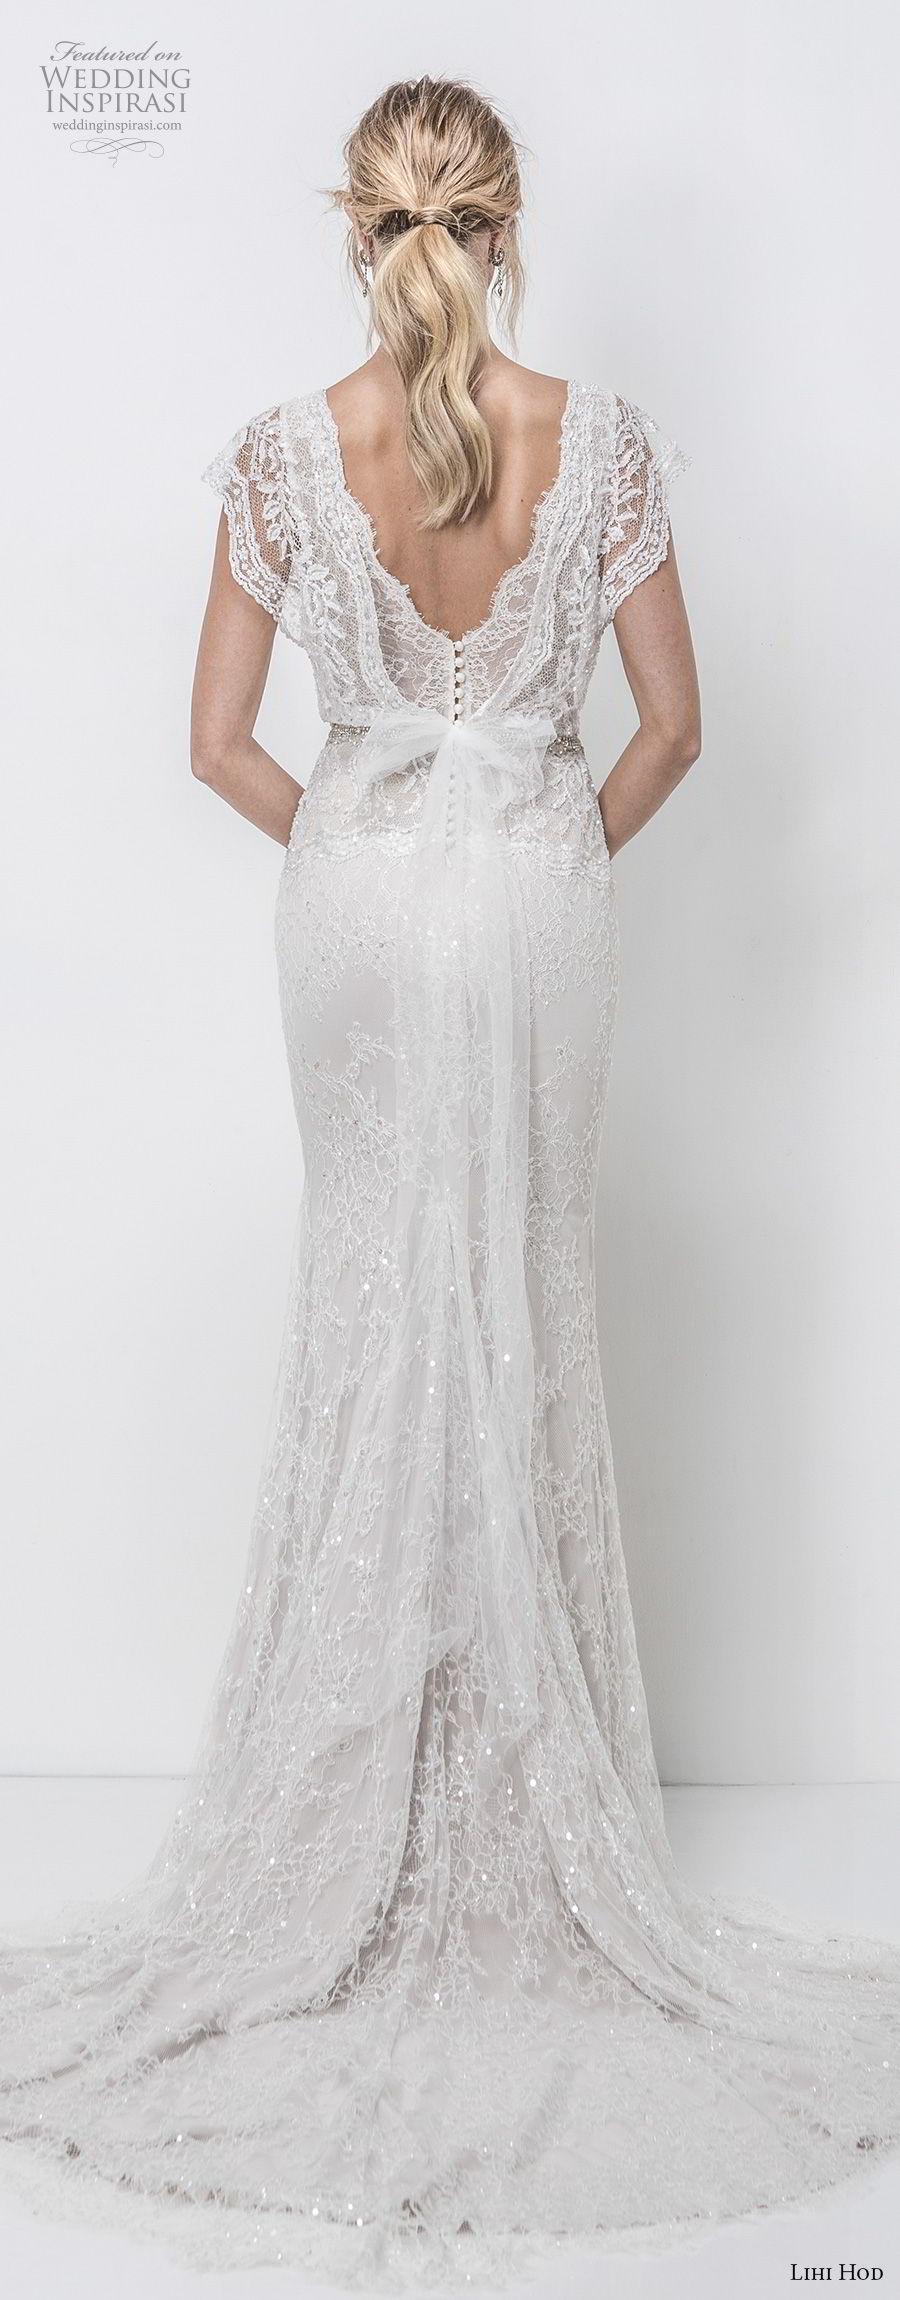 lihi hod 2018 bridal butterfly sleeves v neck full embellishent romantic bohemian a  line wedding dress v back chapel train (2) bv